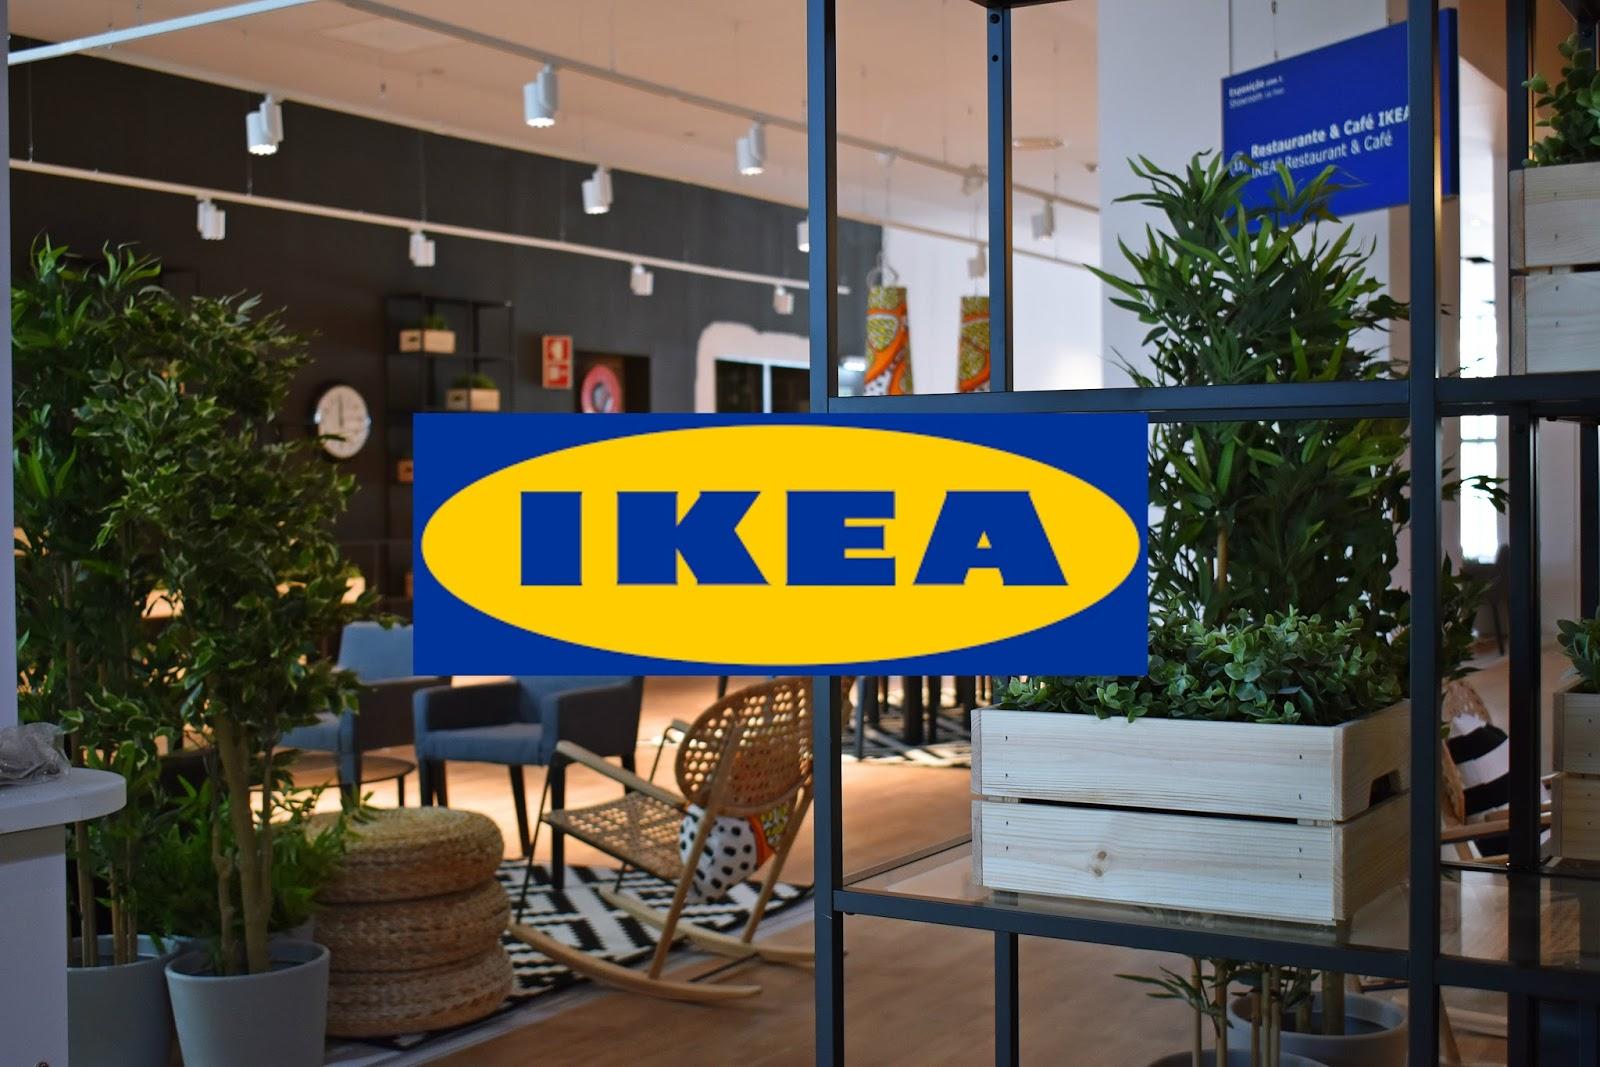 A IKEA JÁ CHEGOU AO ALGARVE! VÊ EM 1ª MÃO!